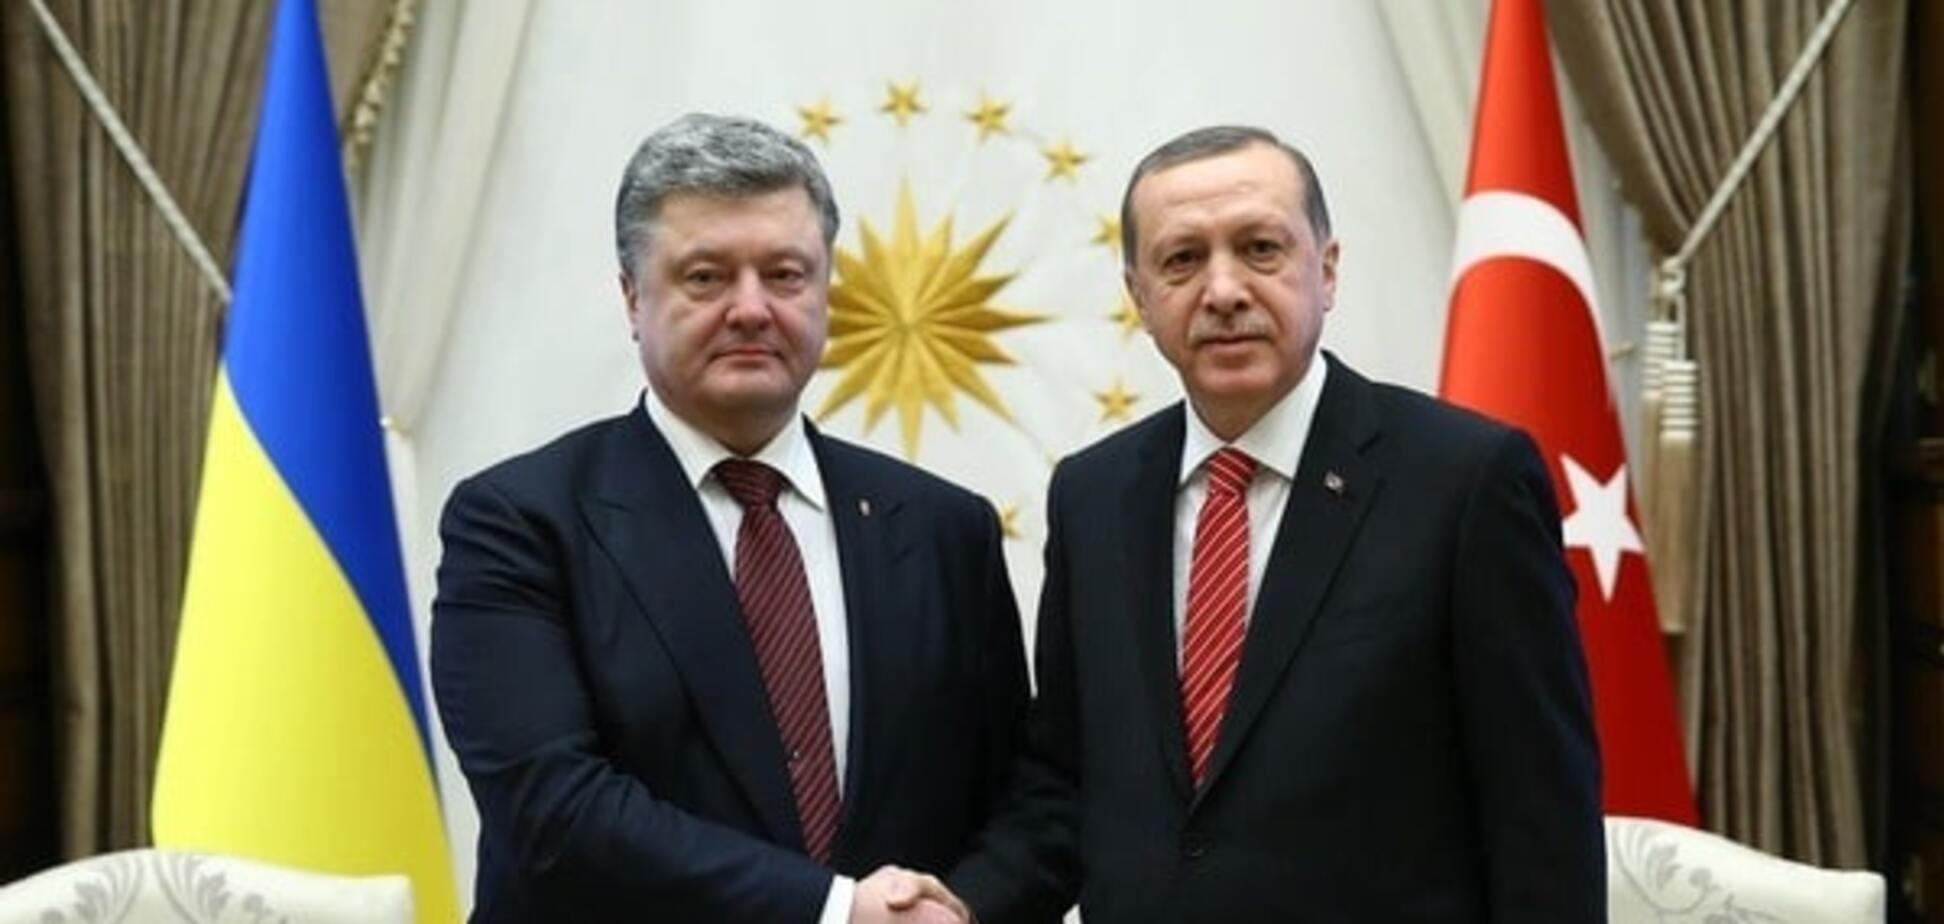 Дух імперії: Хара розповів, що турбує світ у розвитку Туреччини